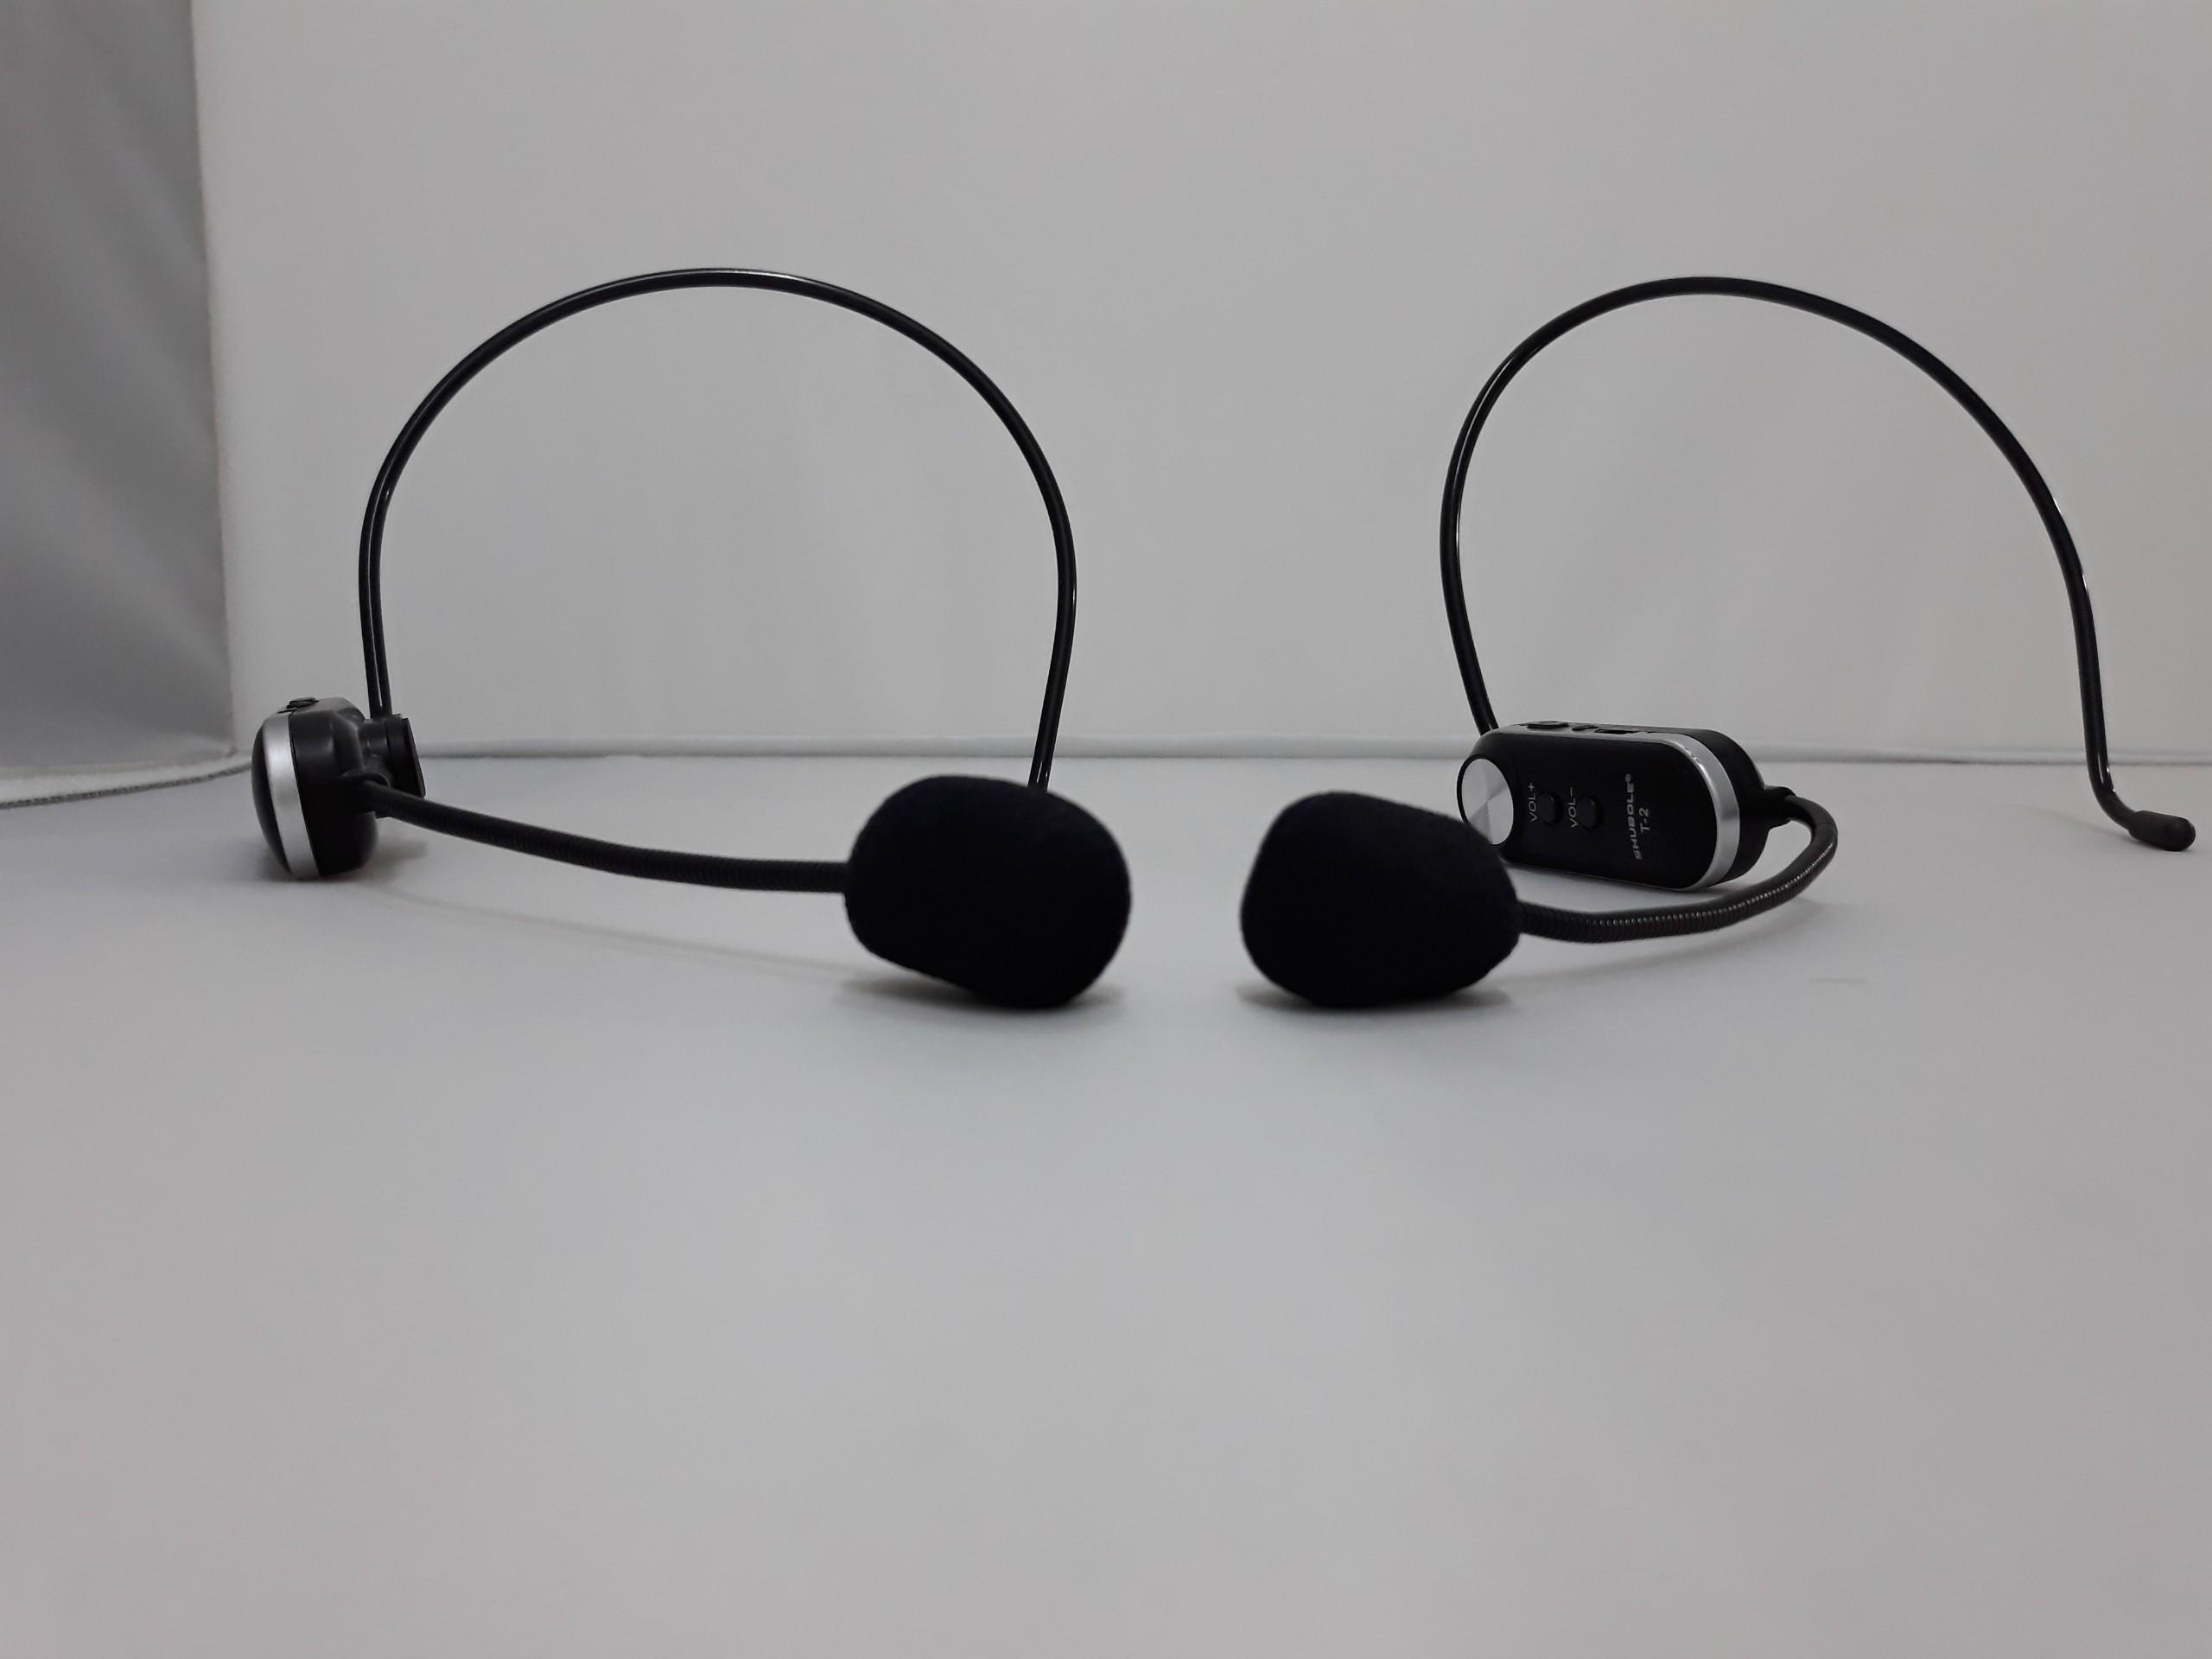 Micro Không Dây Đeo Tai Shubole T2 Chuyên Dụng Cho Loa Kéo, Amply, Đầu Thu Mini Jack 6. Chính Hãng